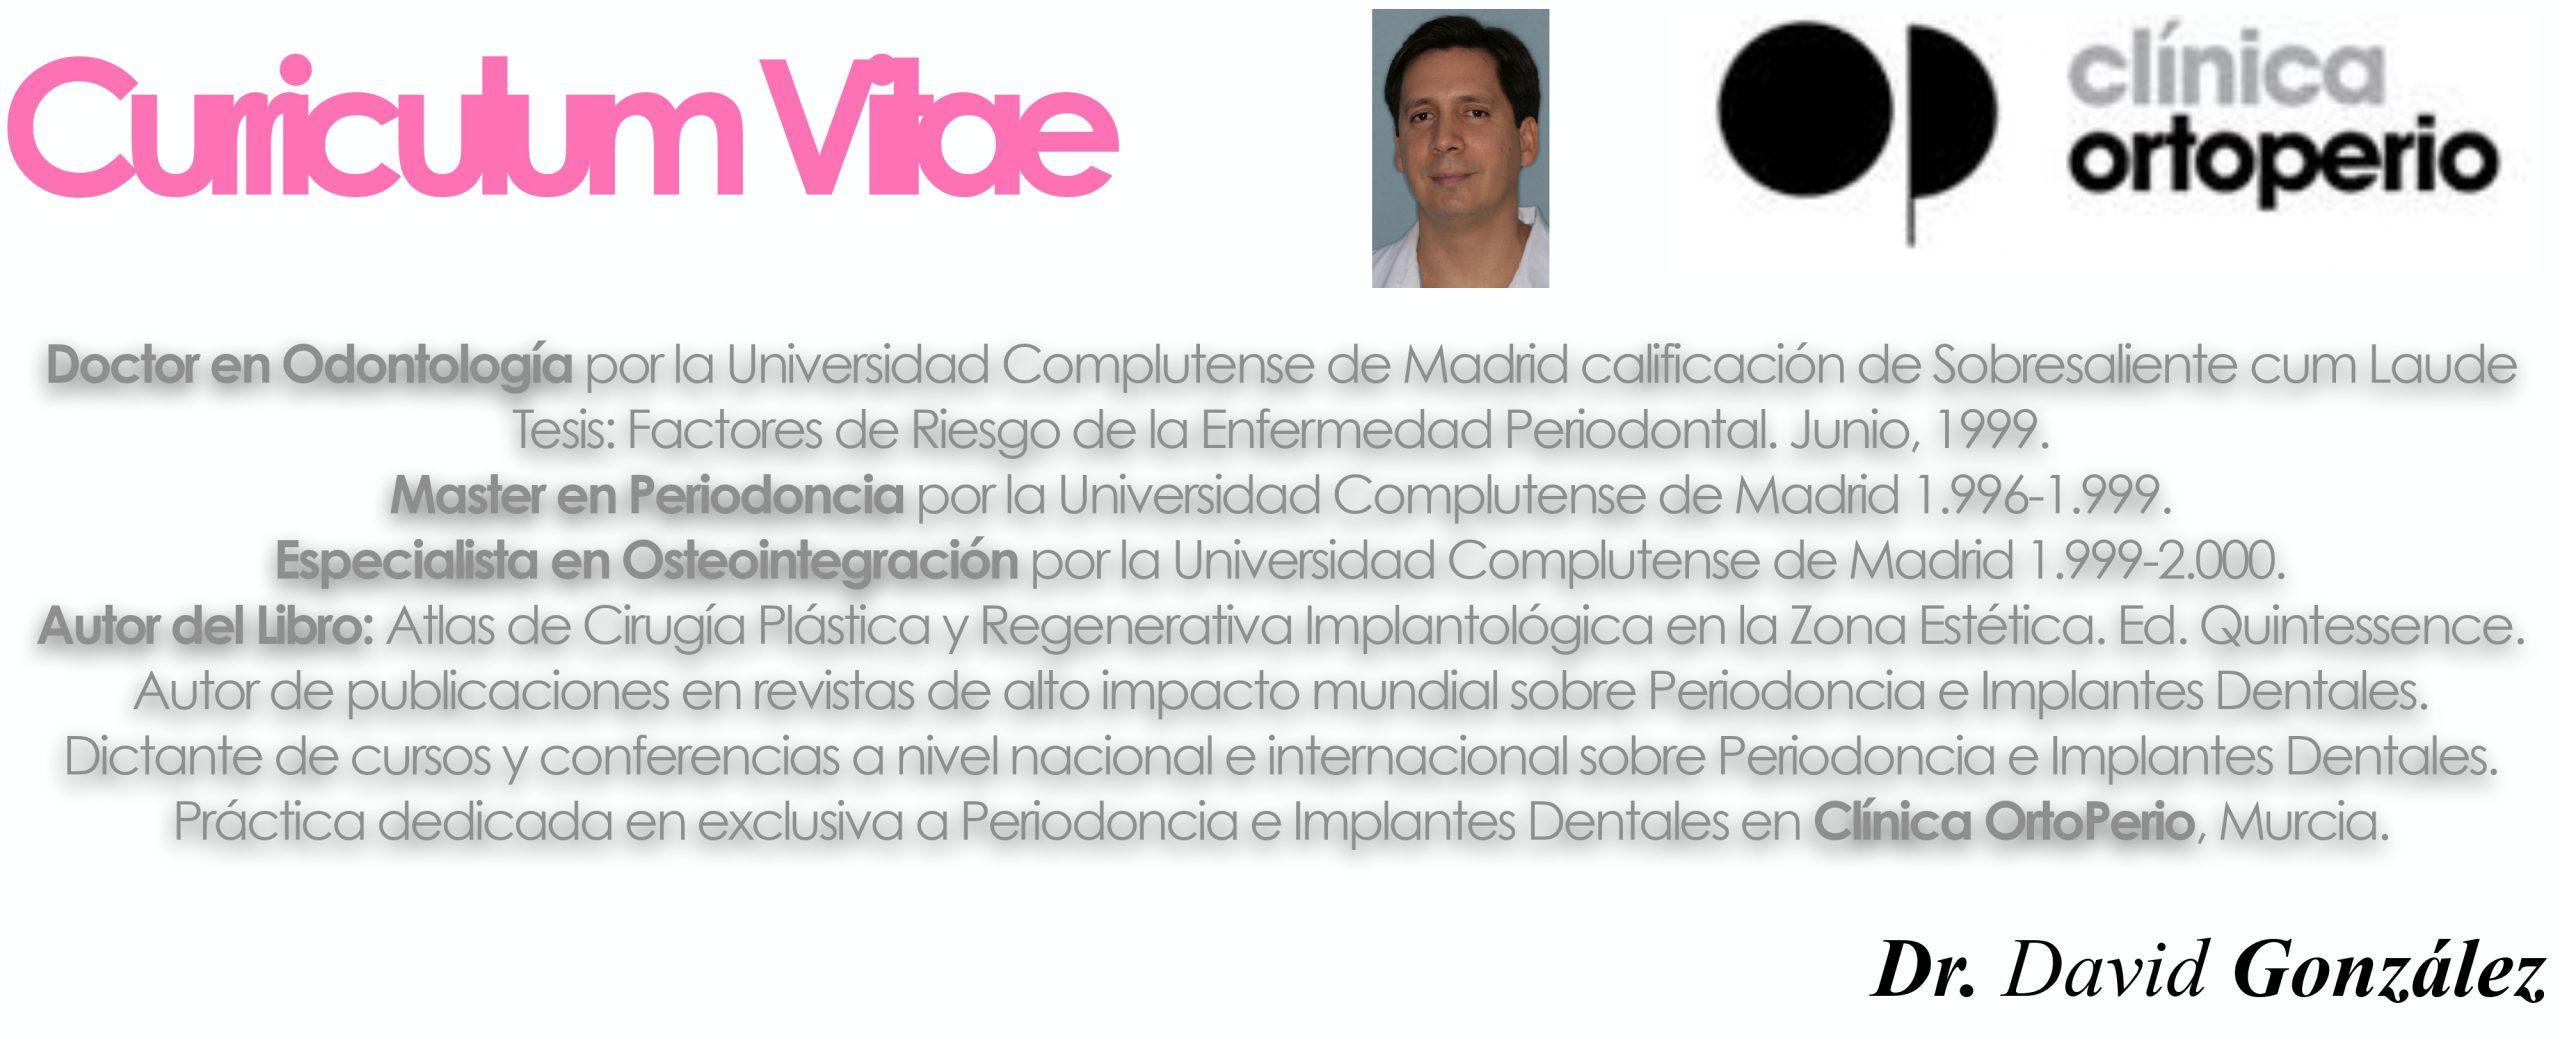 Curso cirugía periodontal e implantológica 2022 4